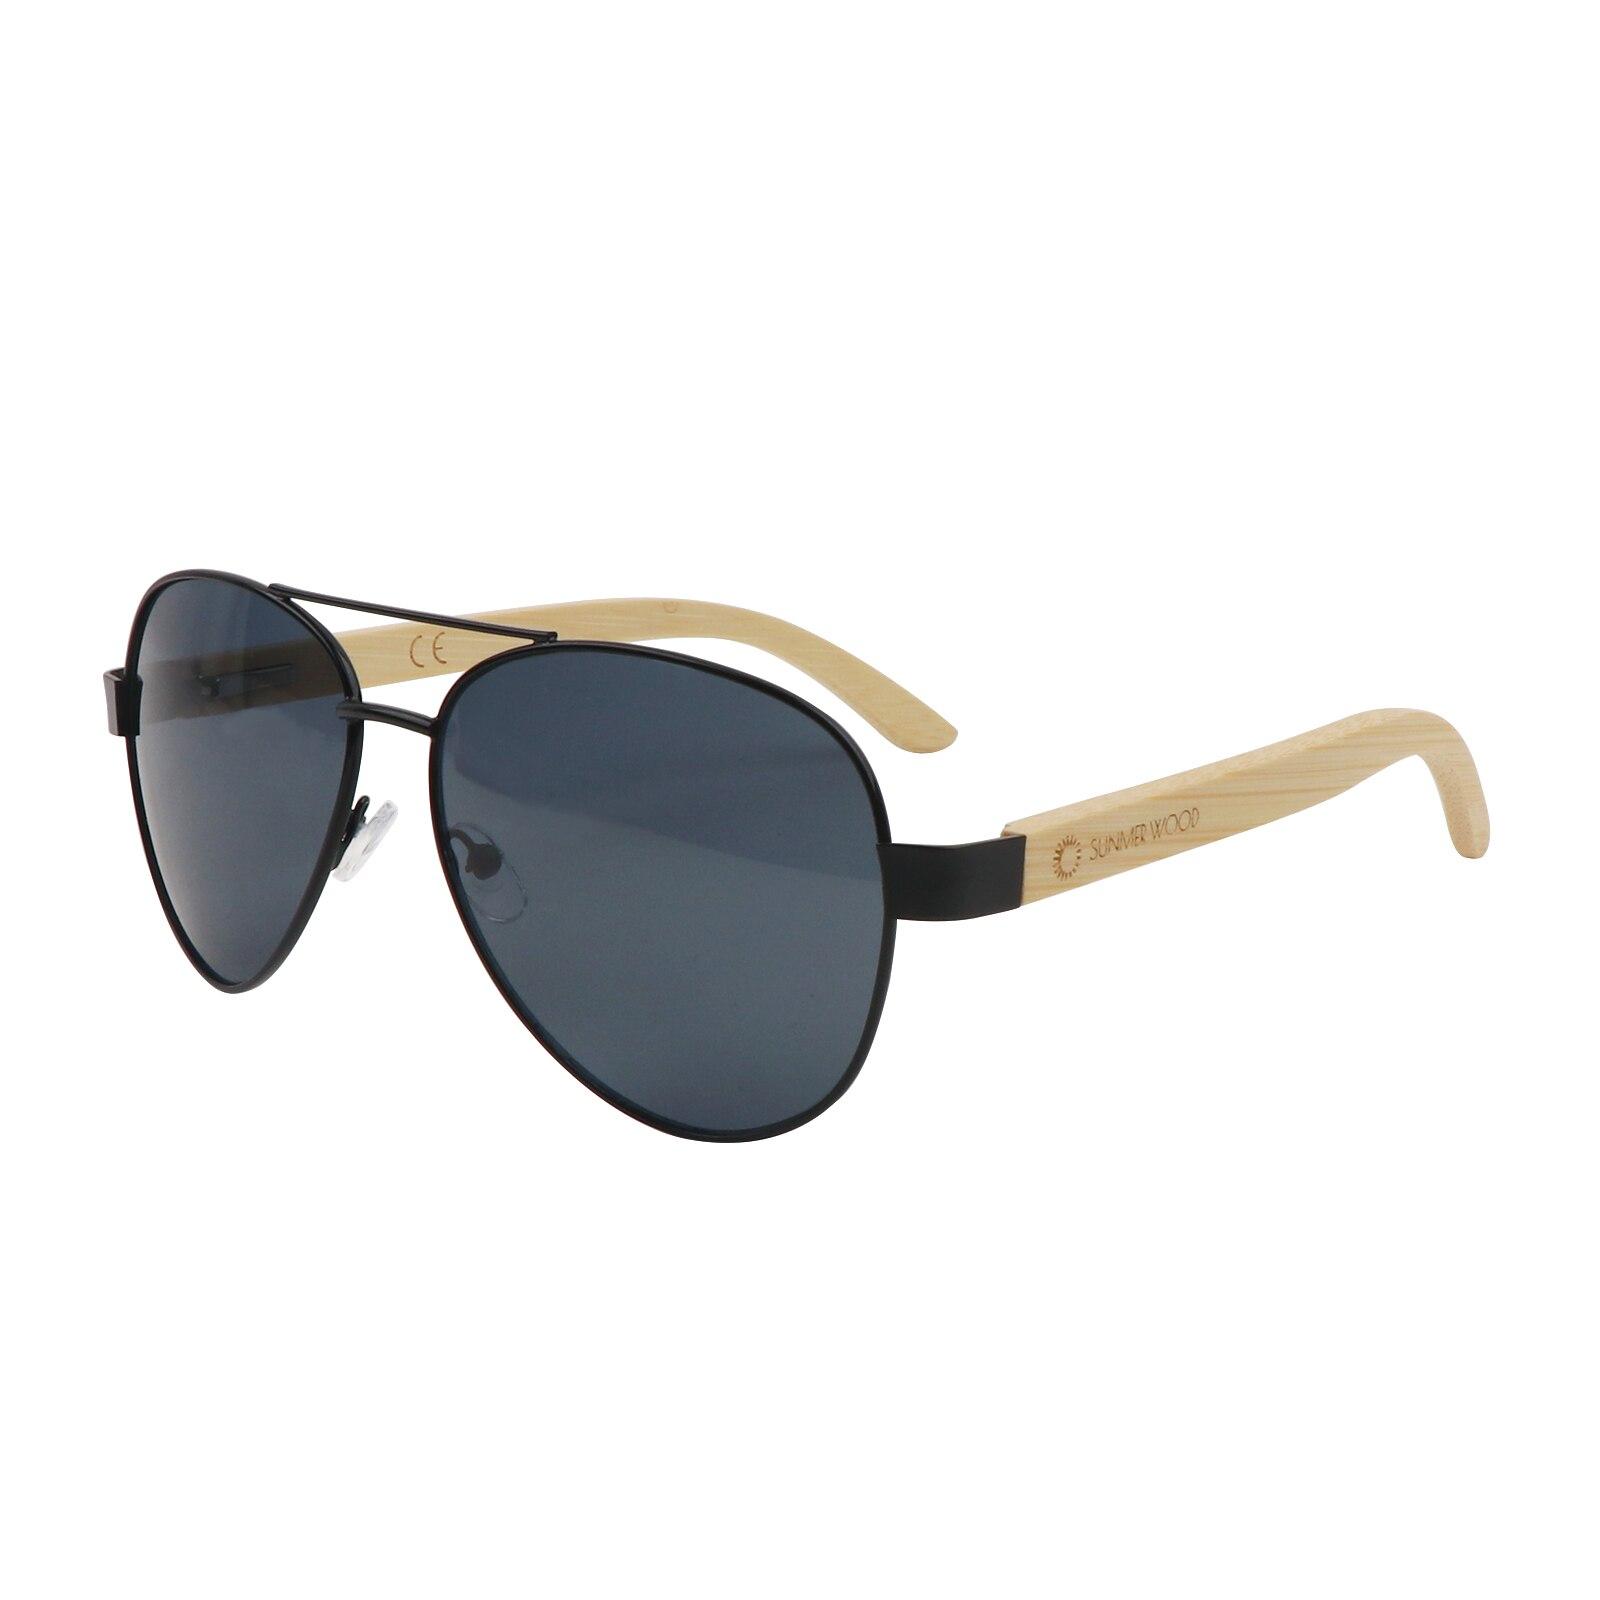 Деревянные бамбуковые солнцезащитные очки от солнца, солнцезащитные очки с деревянными дужками, защита от ультрафиолета…